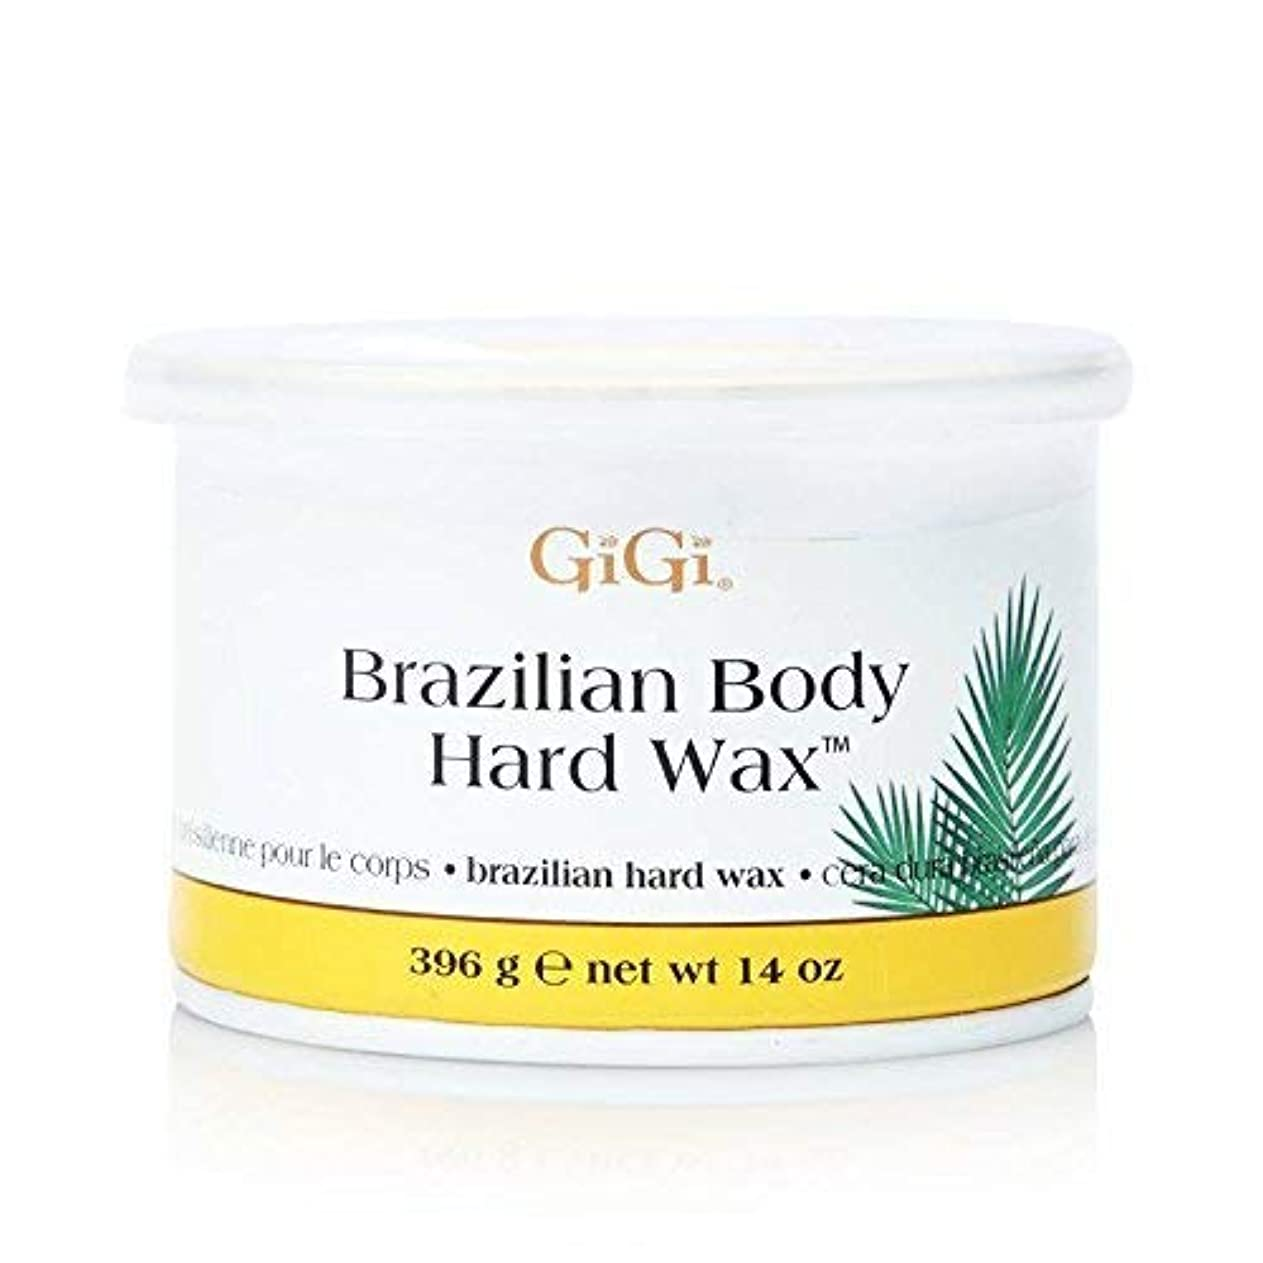 流行している応用瞑想するGiGi ブラジリアン ボディー ハードワックス ビキニライン用 395g [並行輸入品]